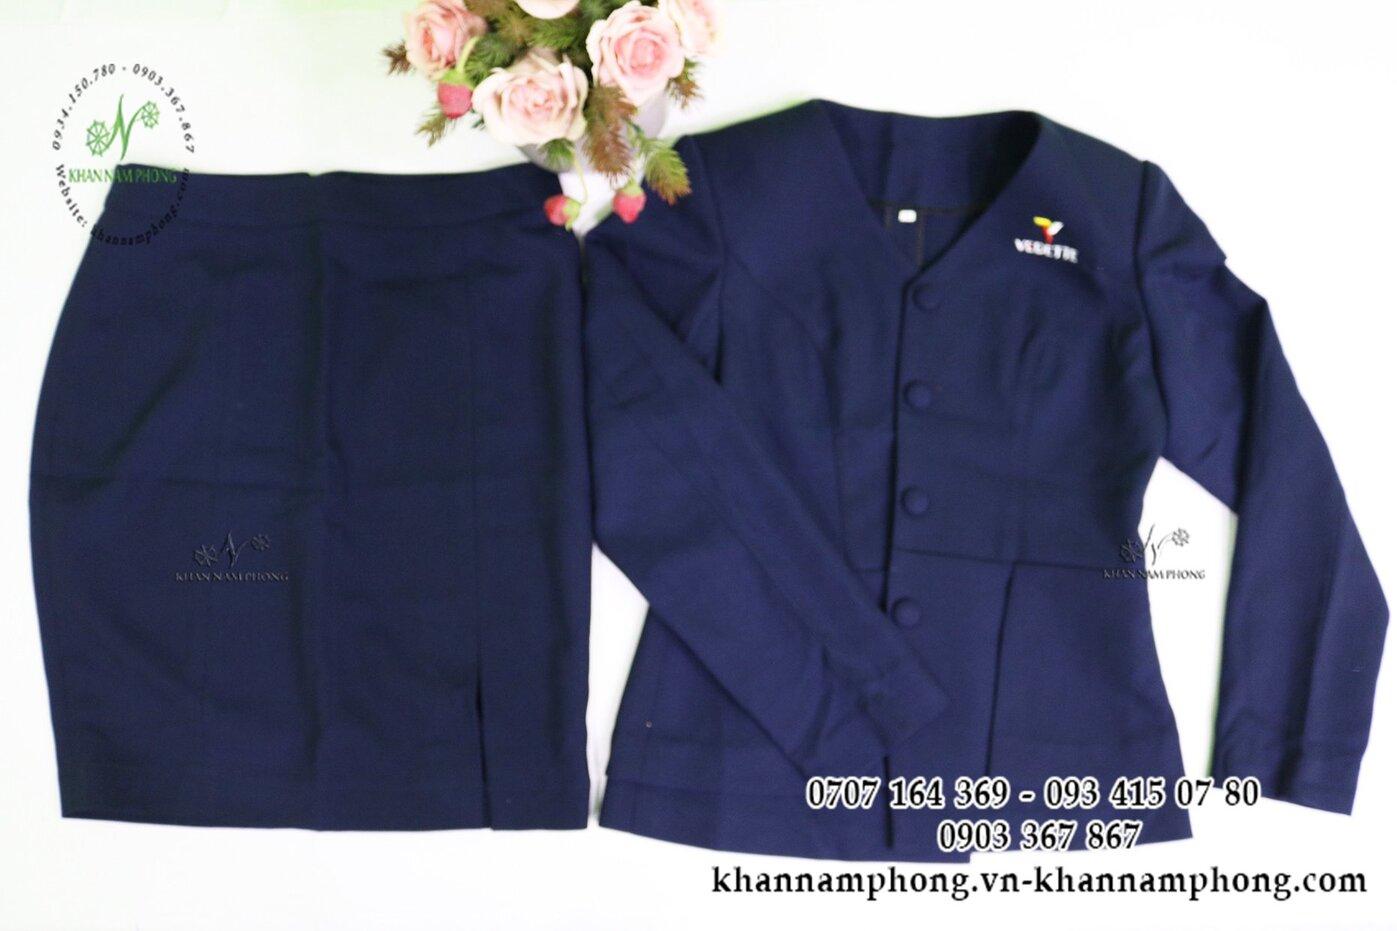 Mẫu đồng phục quản lý Spa kết hợp với váy